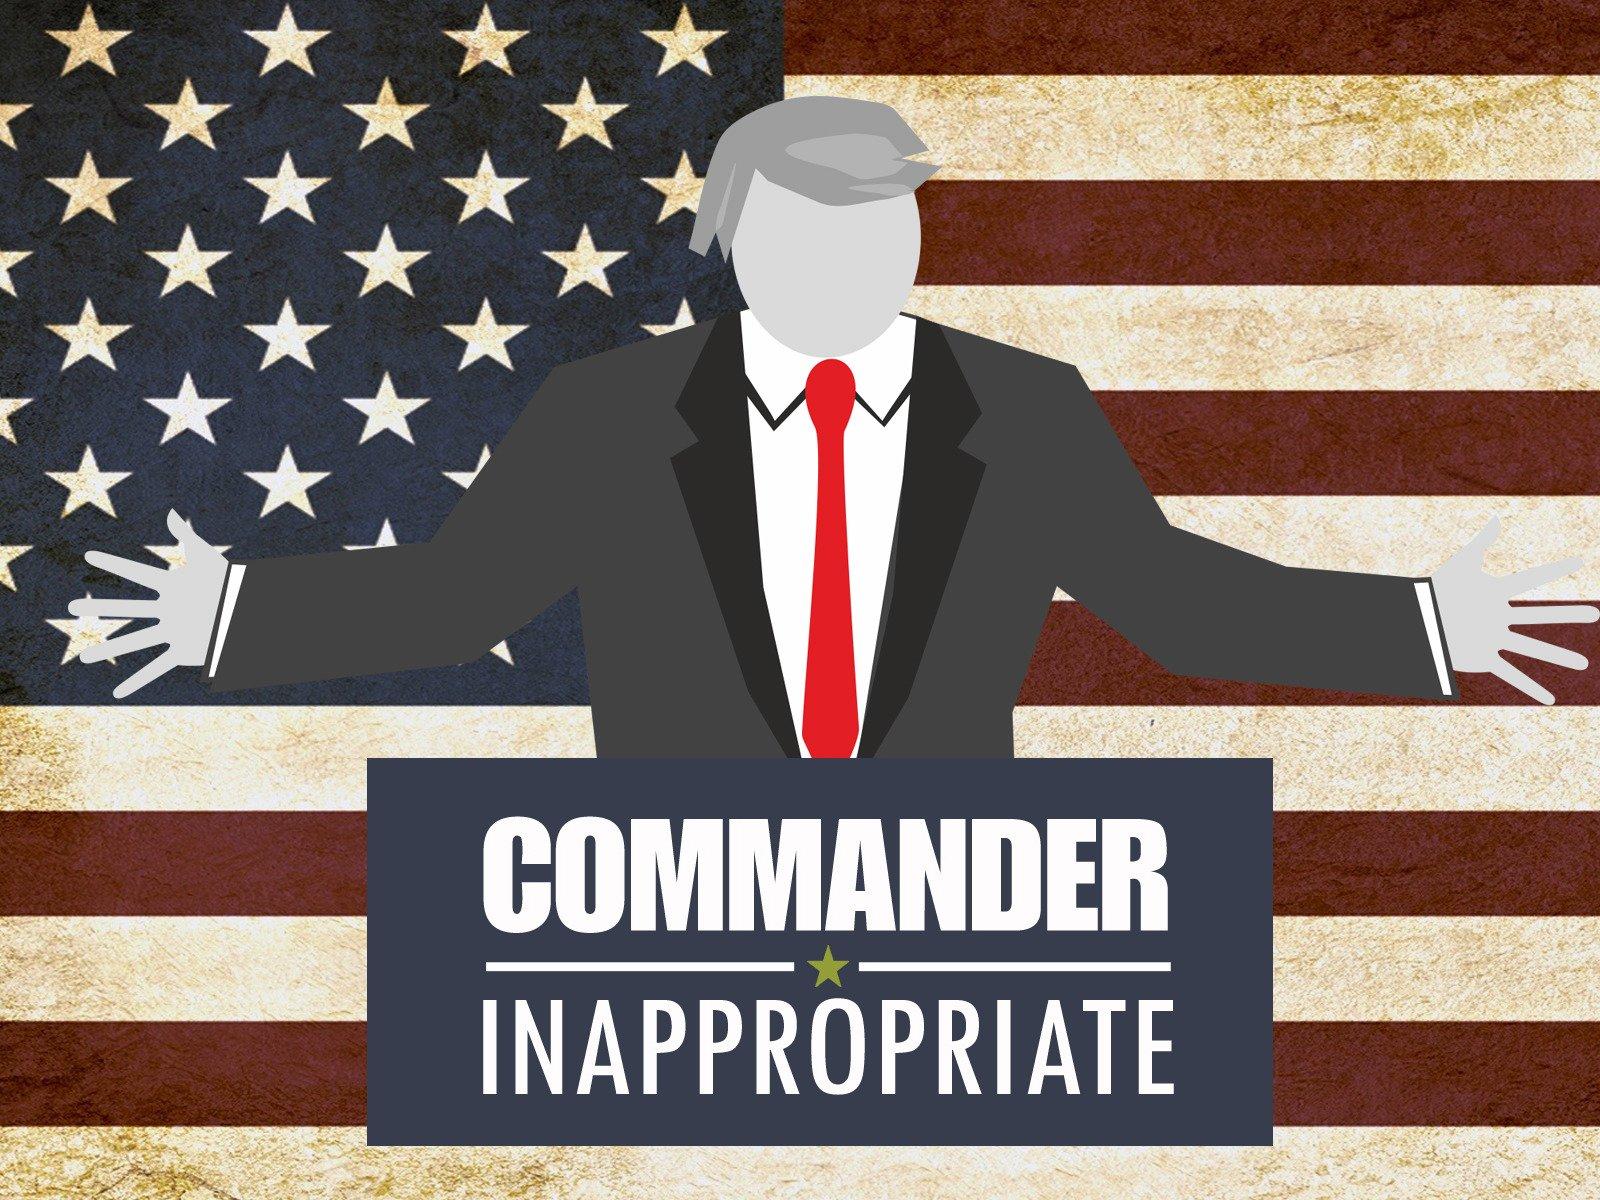 Commander Inappropriate - Season 1